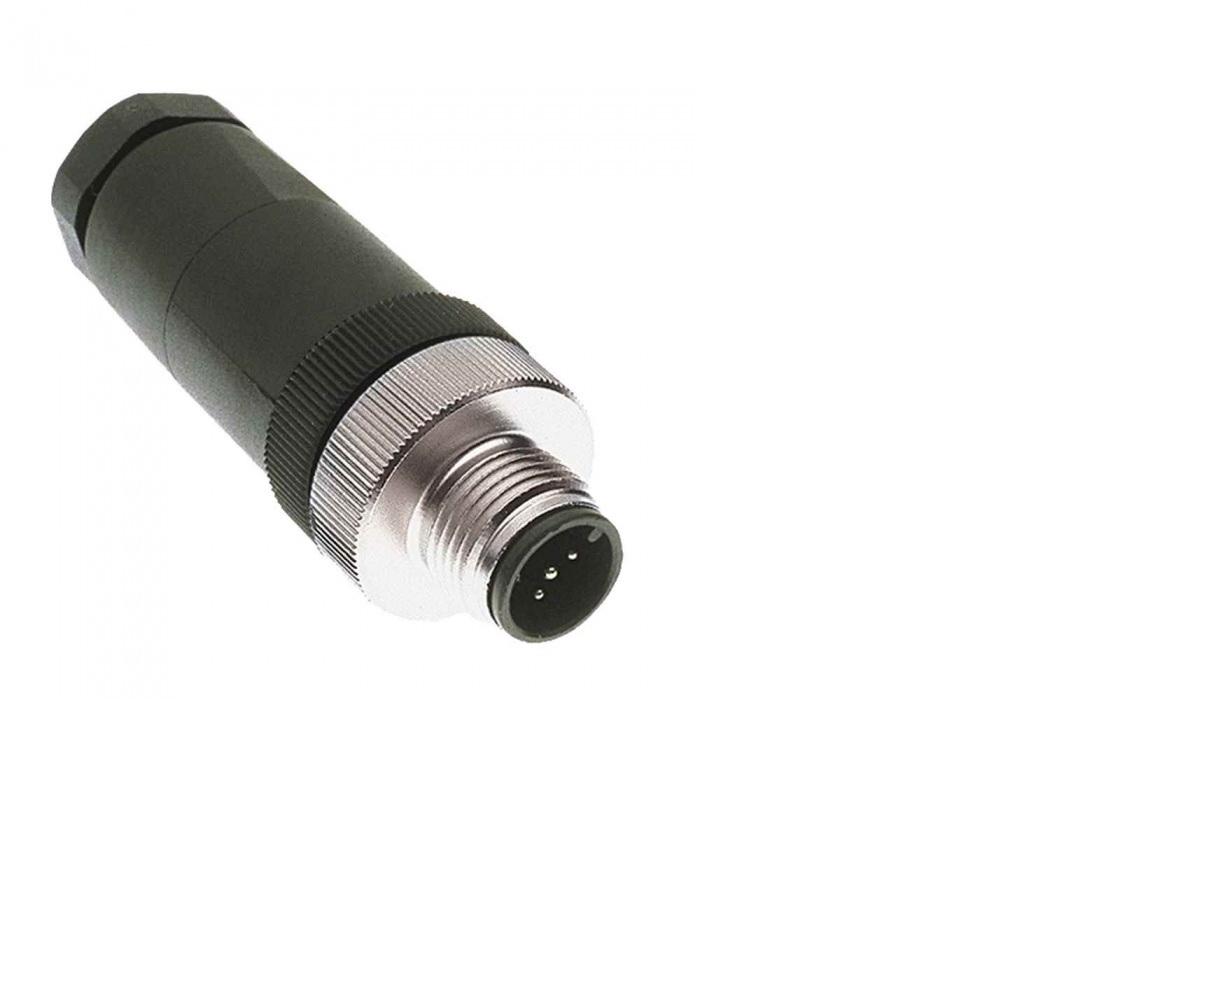 Maretron Micro Male Connector Straight - # FA-CM-ST